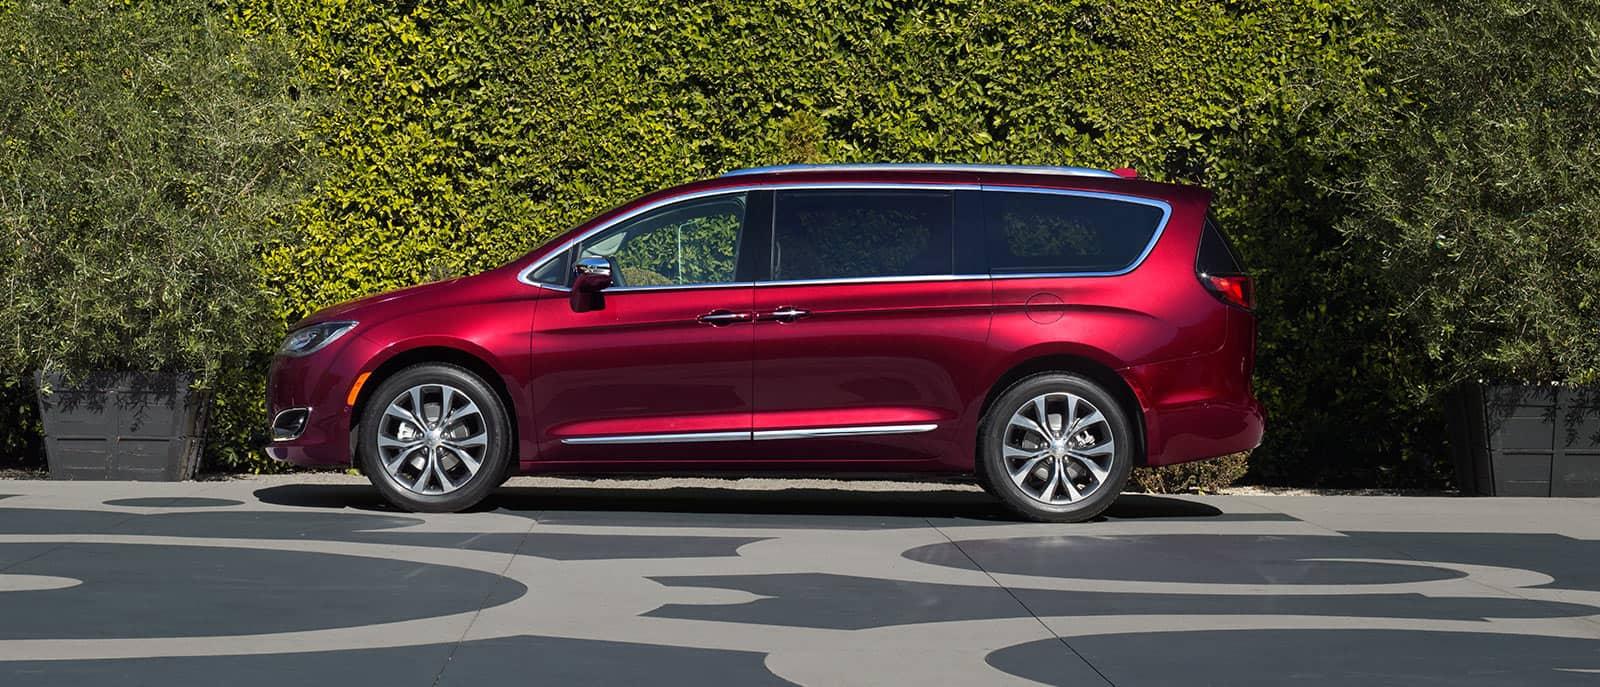 New 2017 Chrysler Pacifica For Sale Near Detroit Mi